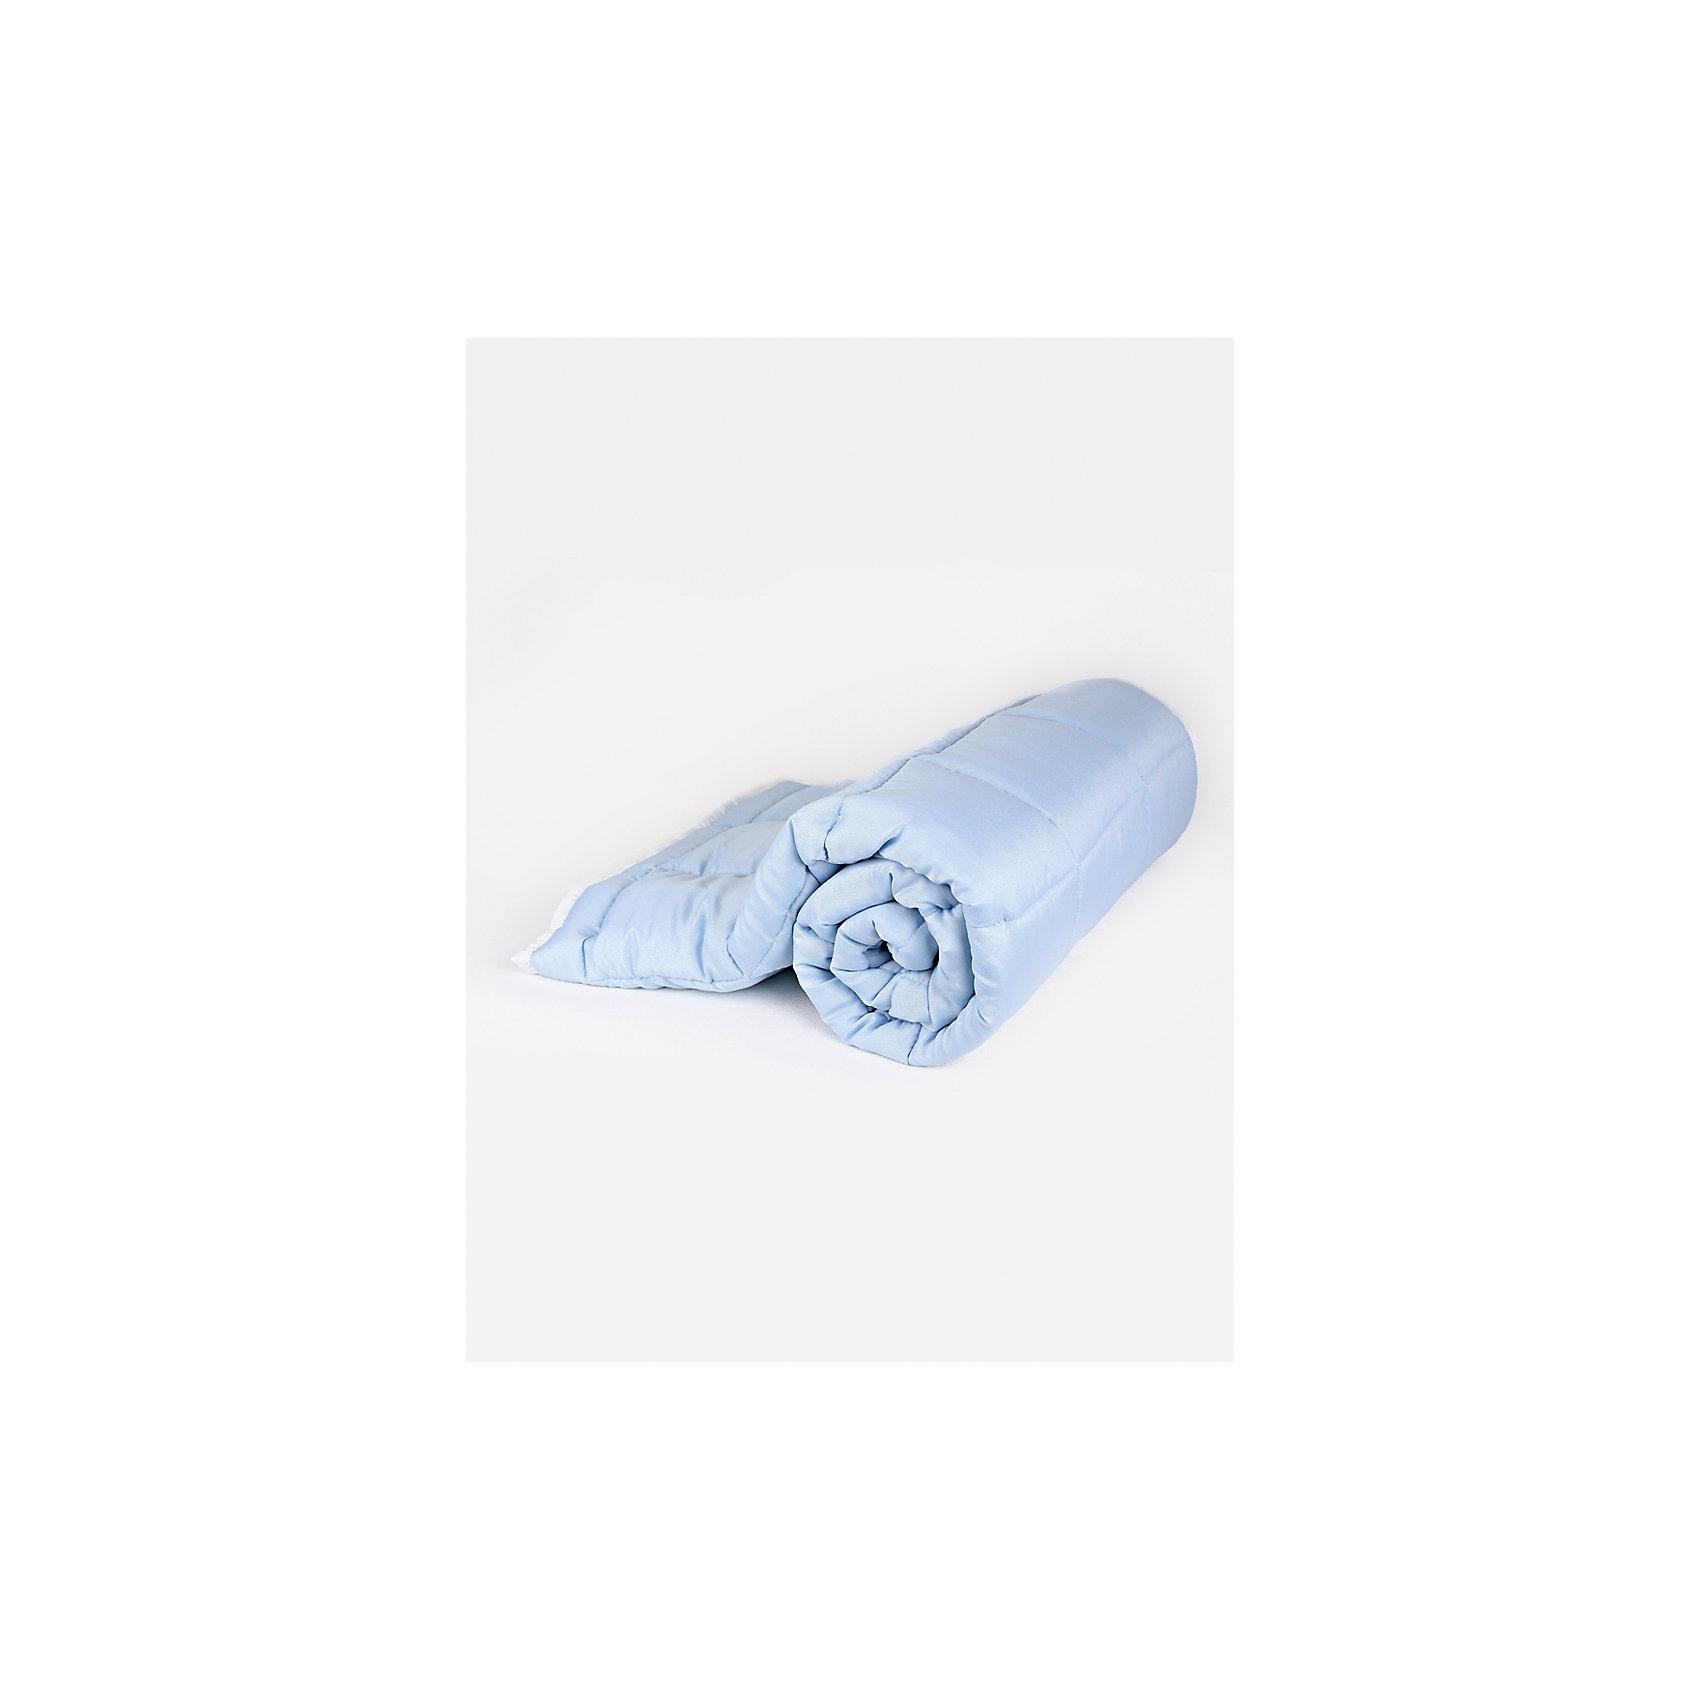 Одеяло стеганное 110х140 см, Baby Nice, голубойДополнительная информация:<br><br>Наполнитель файбер (Плотность 200).<br>Размер 110х140 см<br>Вес в упаковке: 500 г.<br>Размер упаковки: 600 х 700 х 200 мм.<br><br>Одеяло стеганное, 110х140 см можно купить в нашем магазине.<br><br>Ширина мм: 600<br>Глубина мм: 700<br>Высота мм: 200<br>Вес г: 500<br>Возраст от месяцев: 0<br>Возраст до месяцев: 60<br>Пол: Мужской<br>Возраст: Детский<br>SKU: 4009917